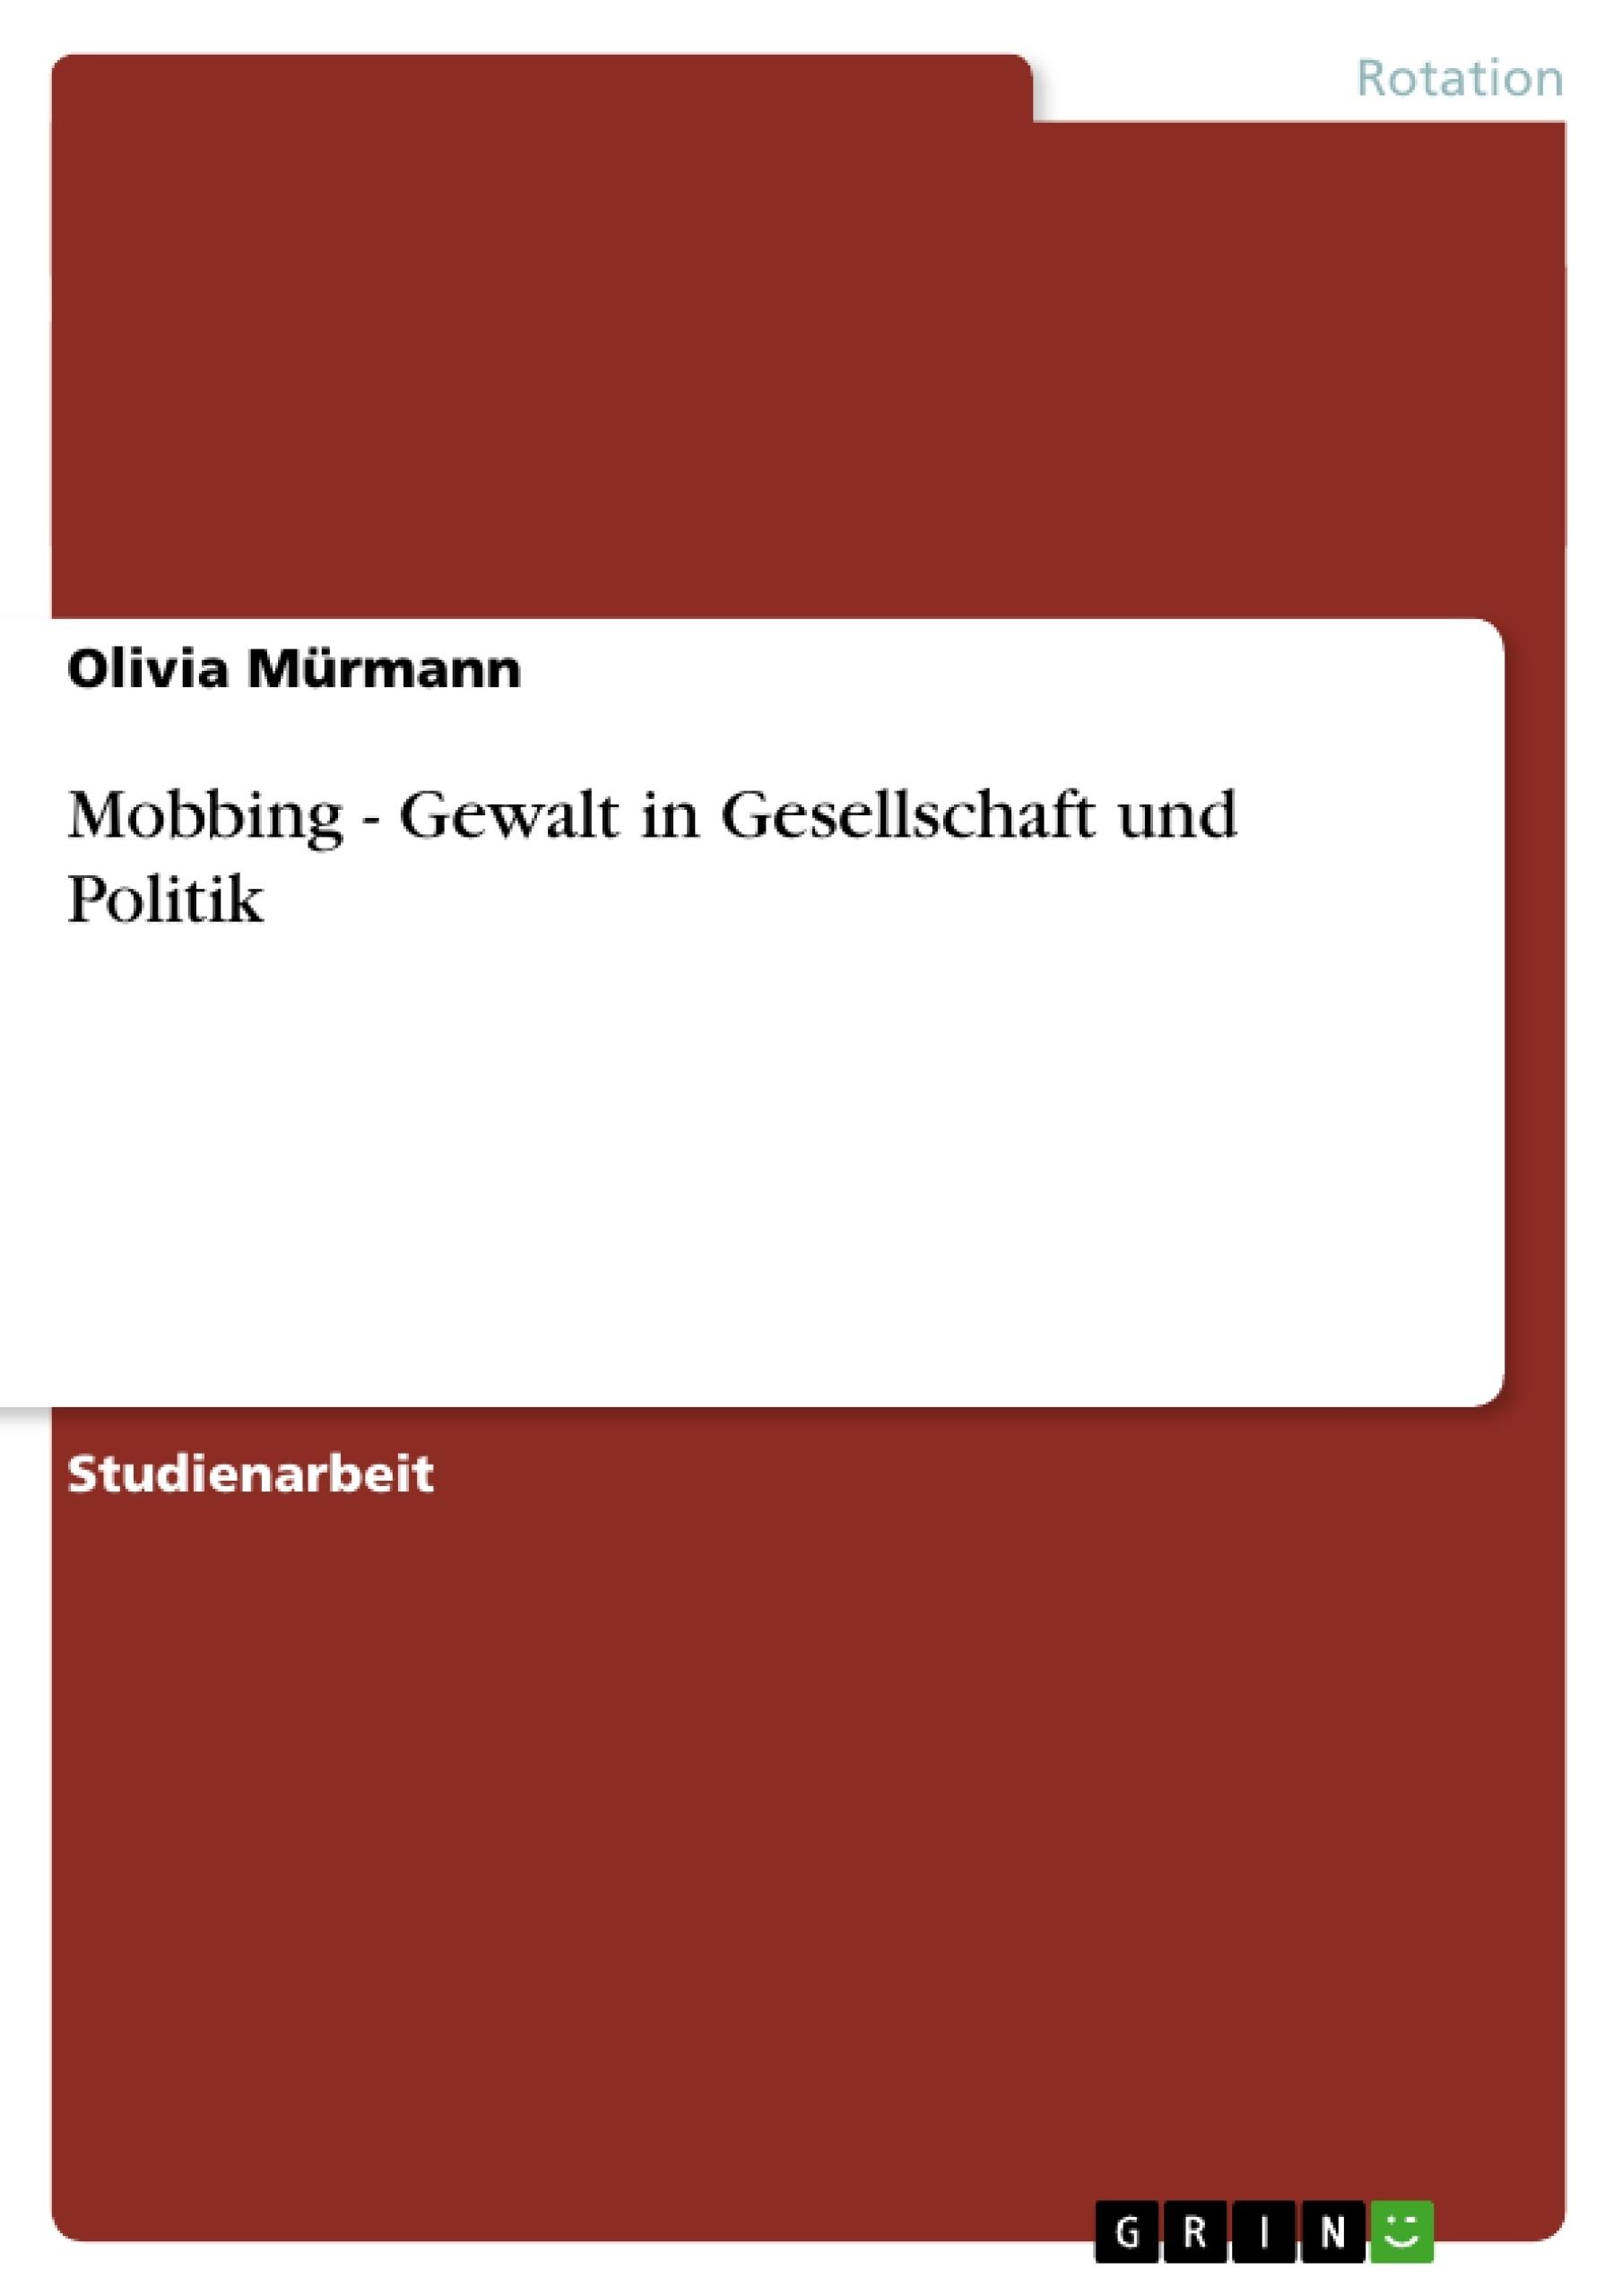 Titel: Mobbing - Gewalt in Gesellschaft und Politik